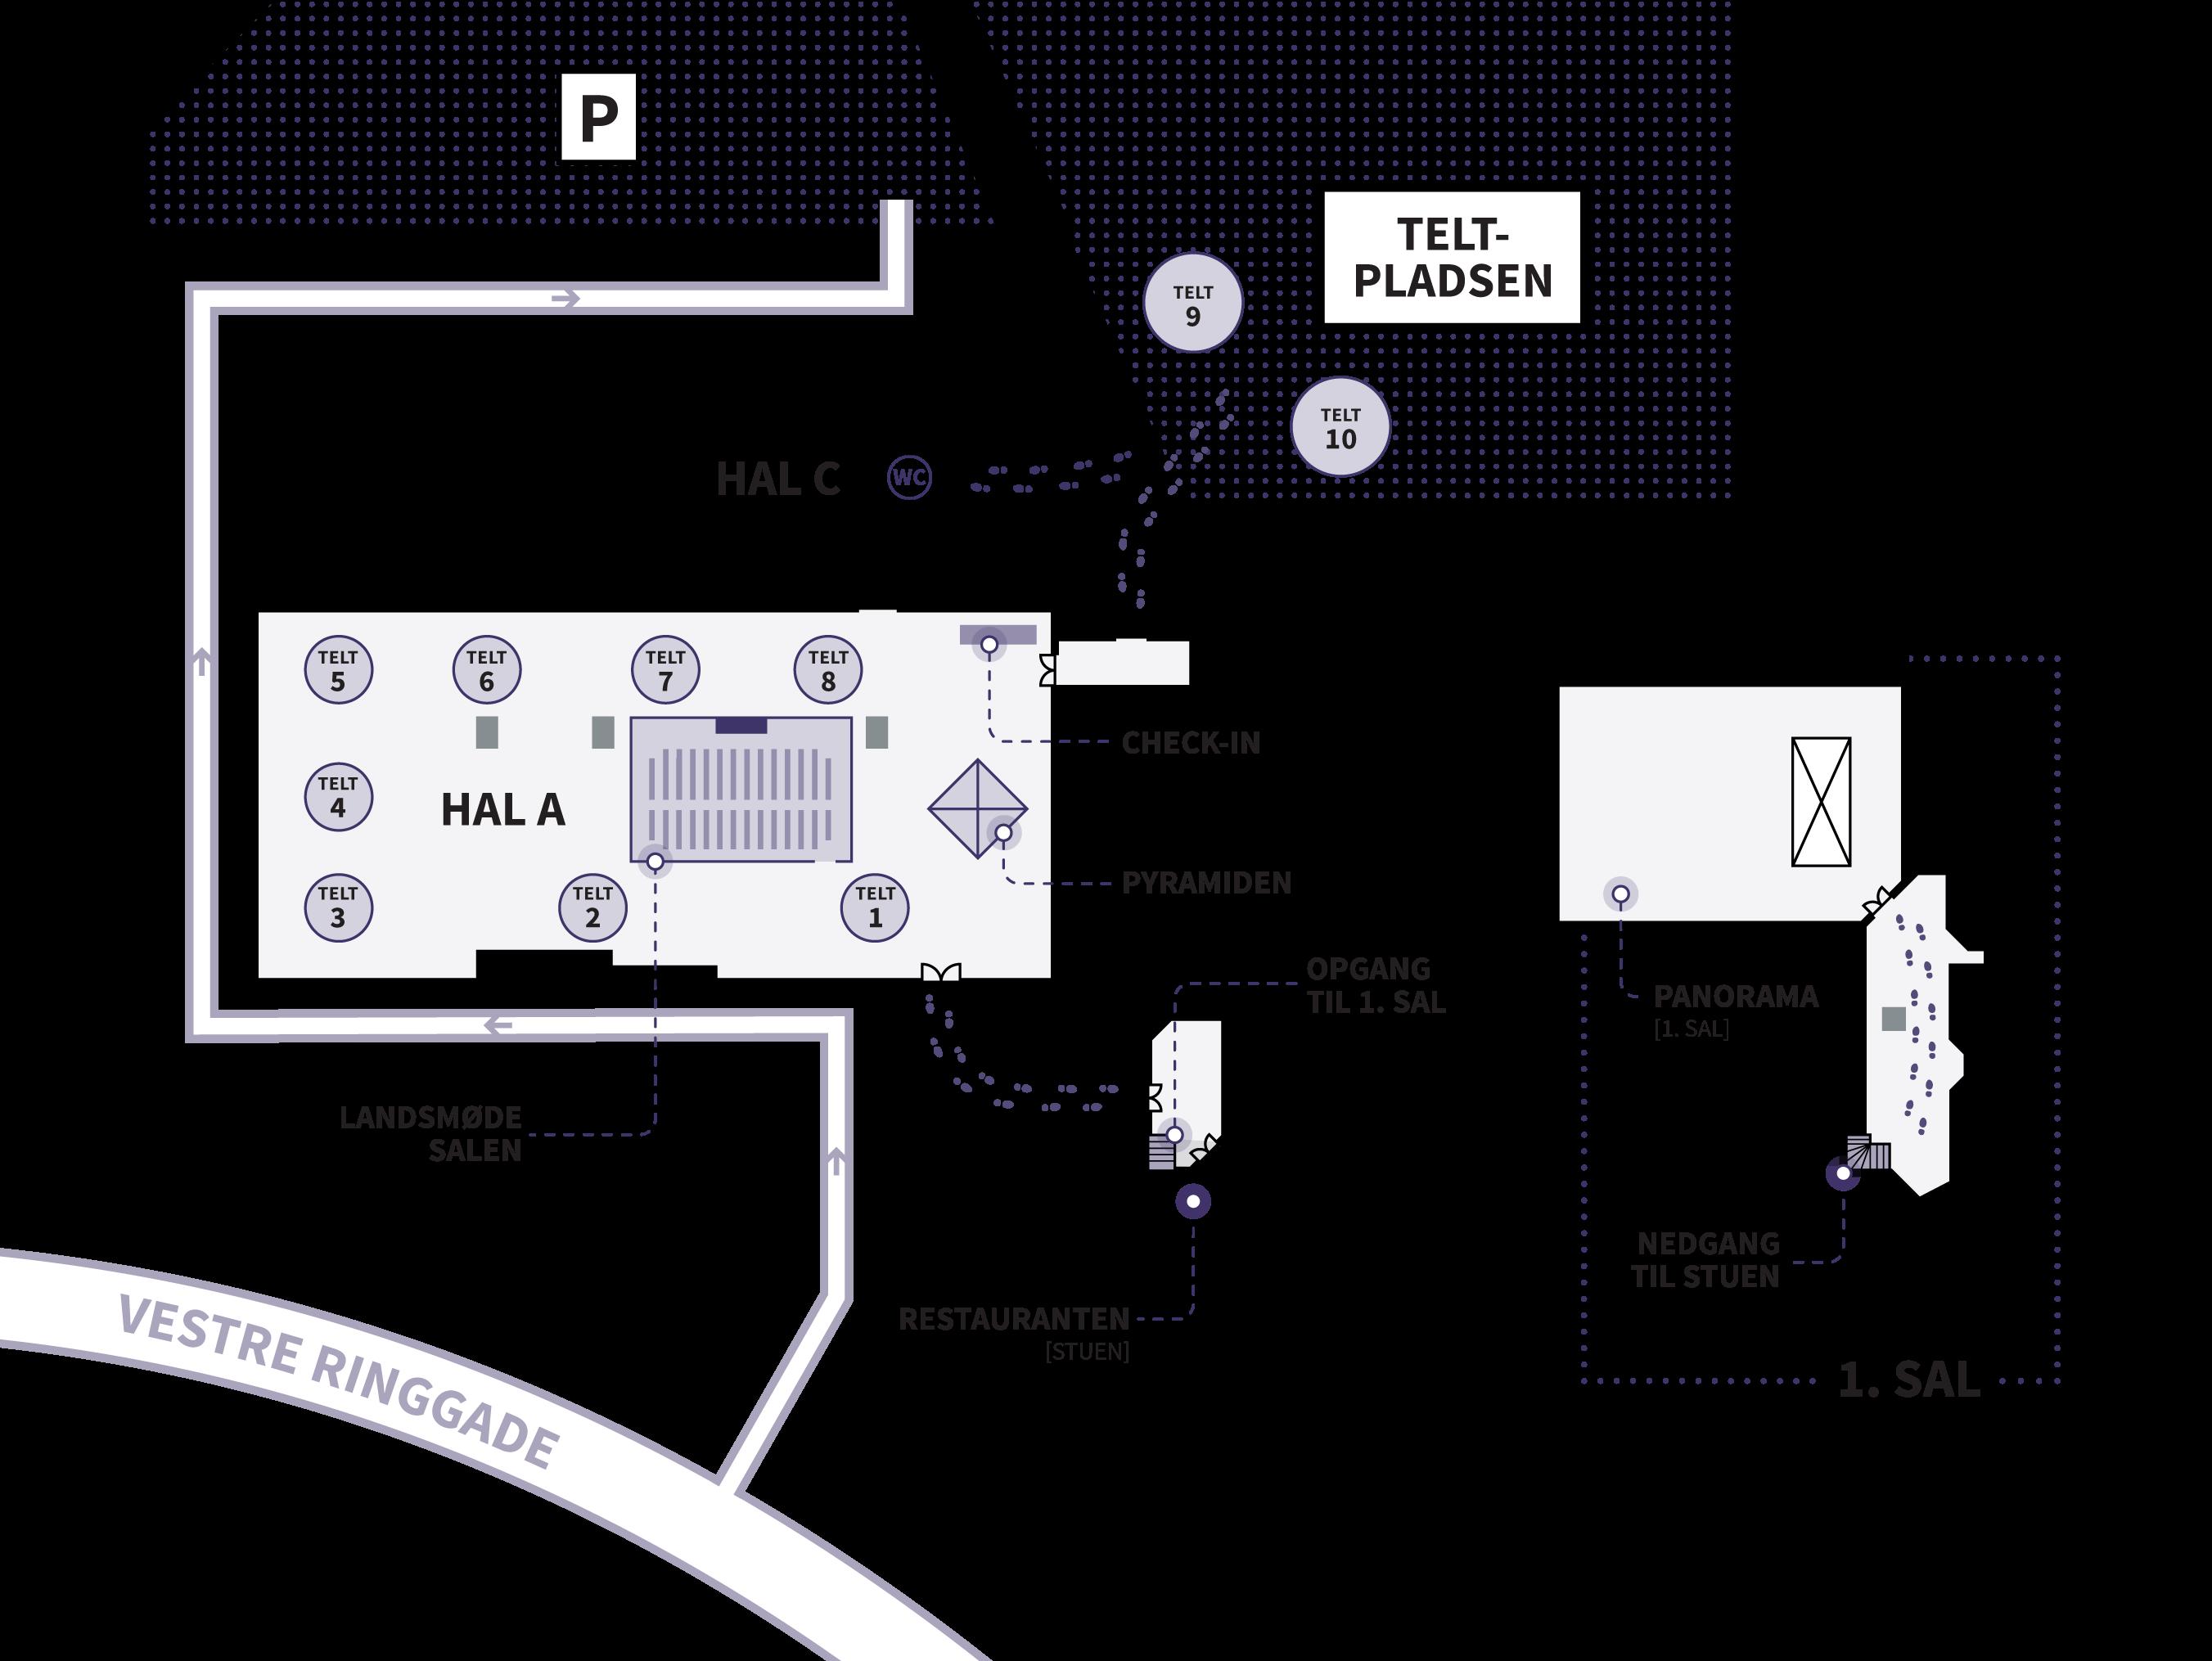 Kort over Landsmøde området i MESSE C